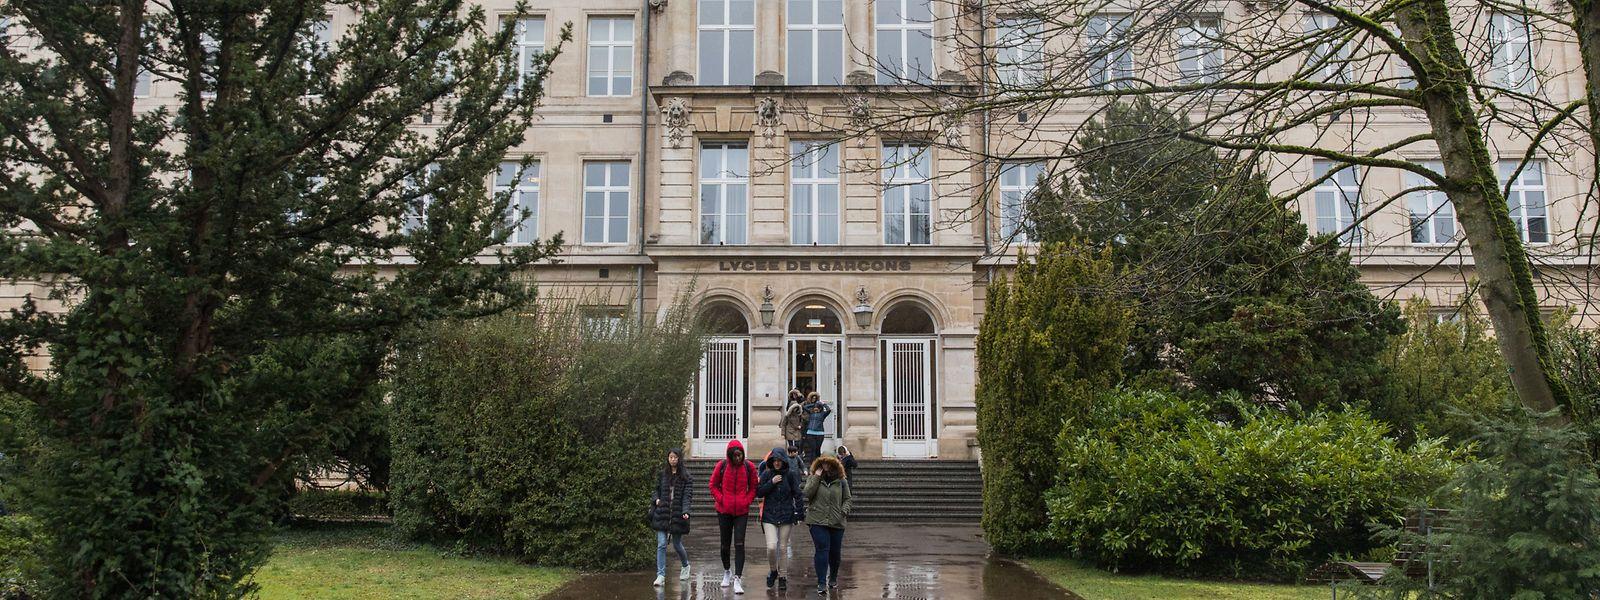 Von September an werden im Escher LGE internationale Klassen angeboten.